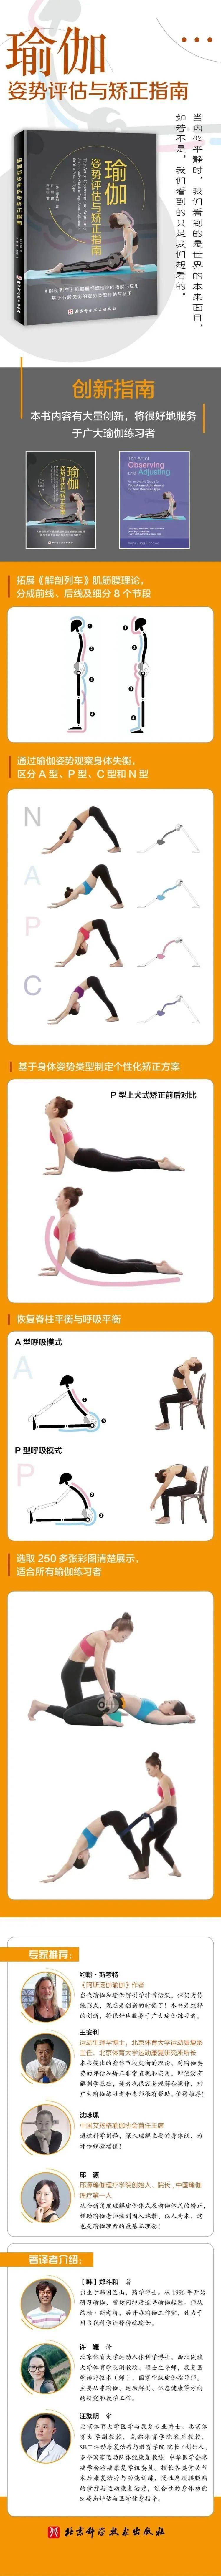 瑜伽精选 | 《瑜伽姿势评估与矫正指南》,瑜伽人必看_体式